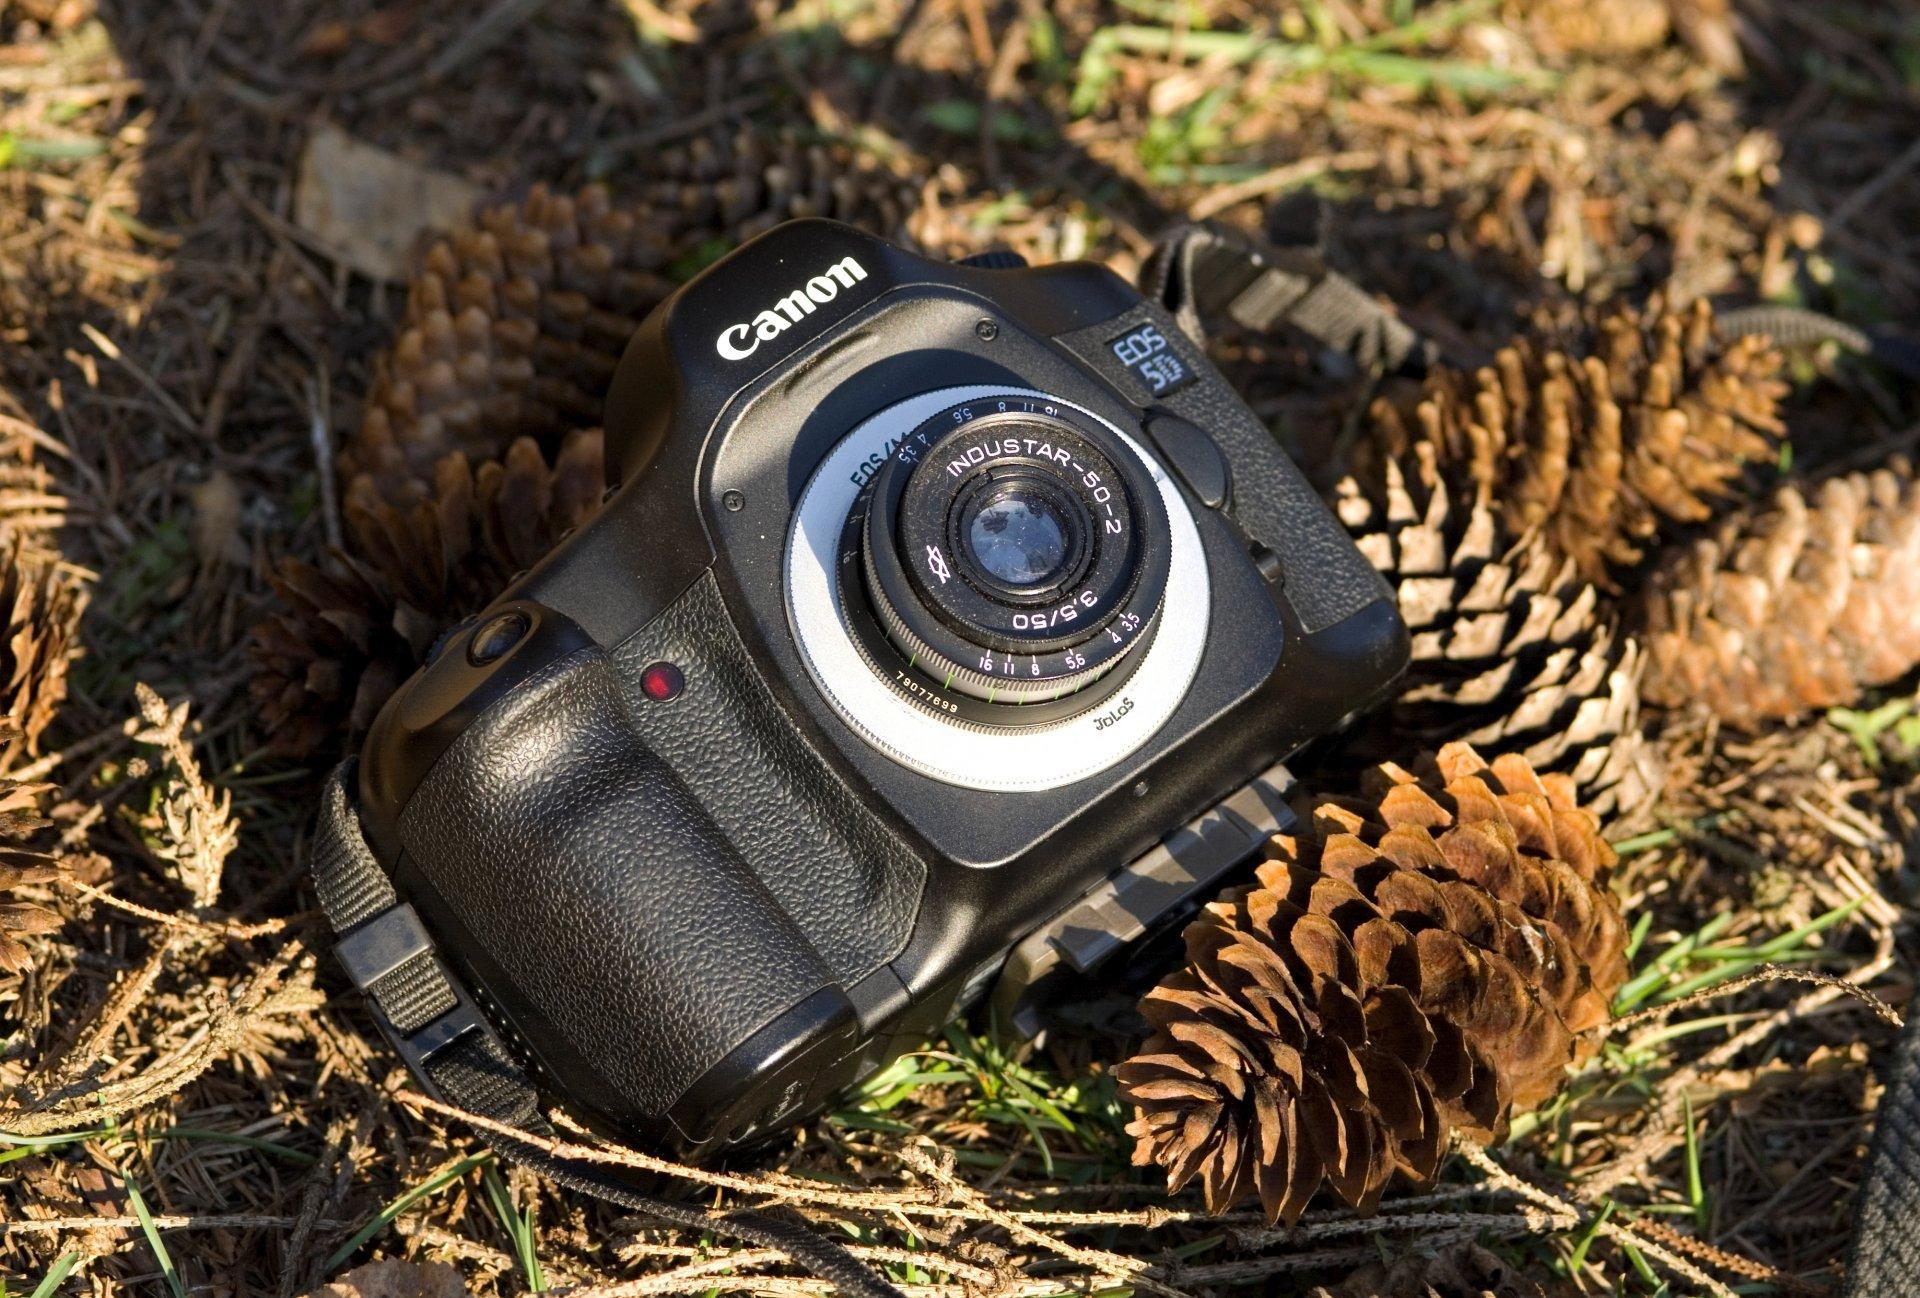 фотоаппарат для размытого фона хотите заказать дизайн